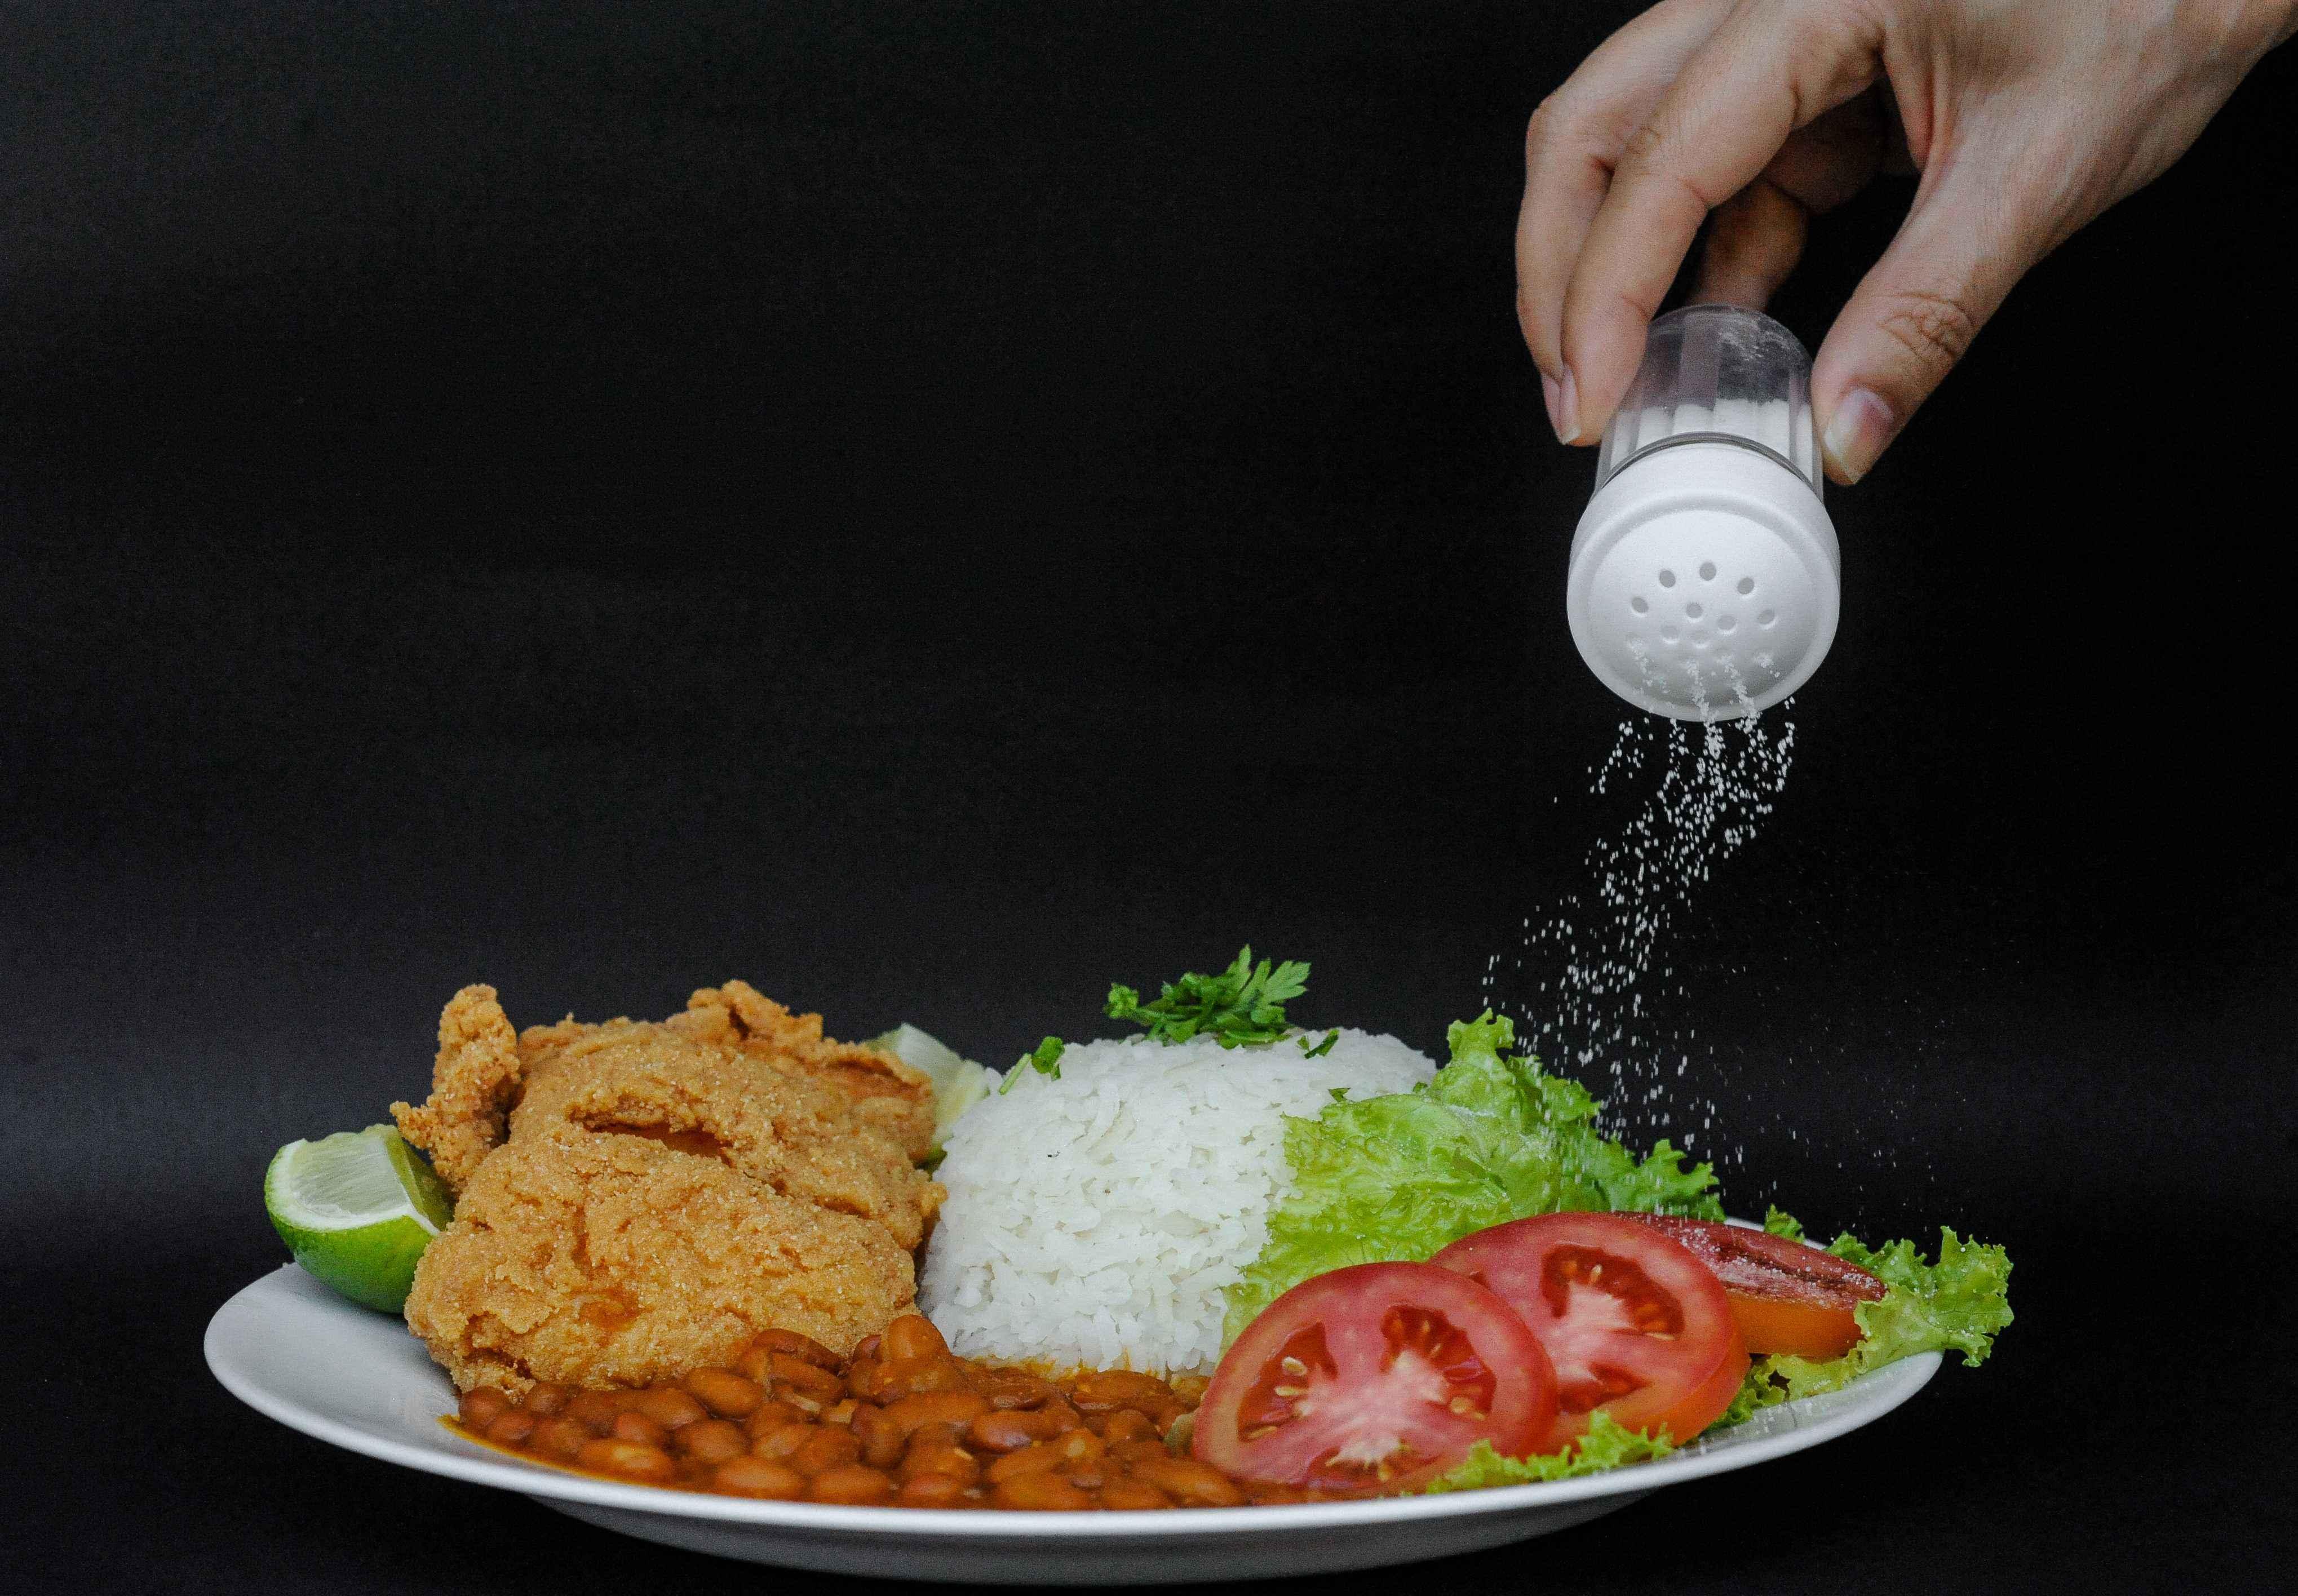 Brasileiro consome duas vezes mais sal de cozinha do que o recomendado pela OMS